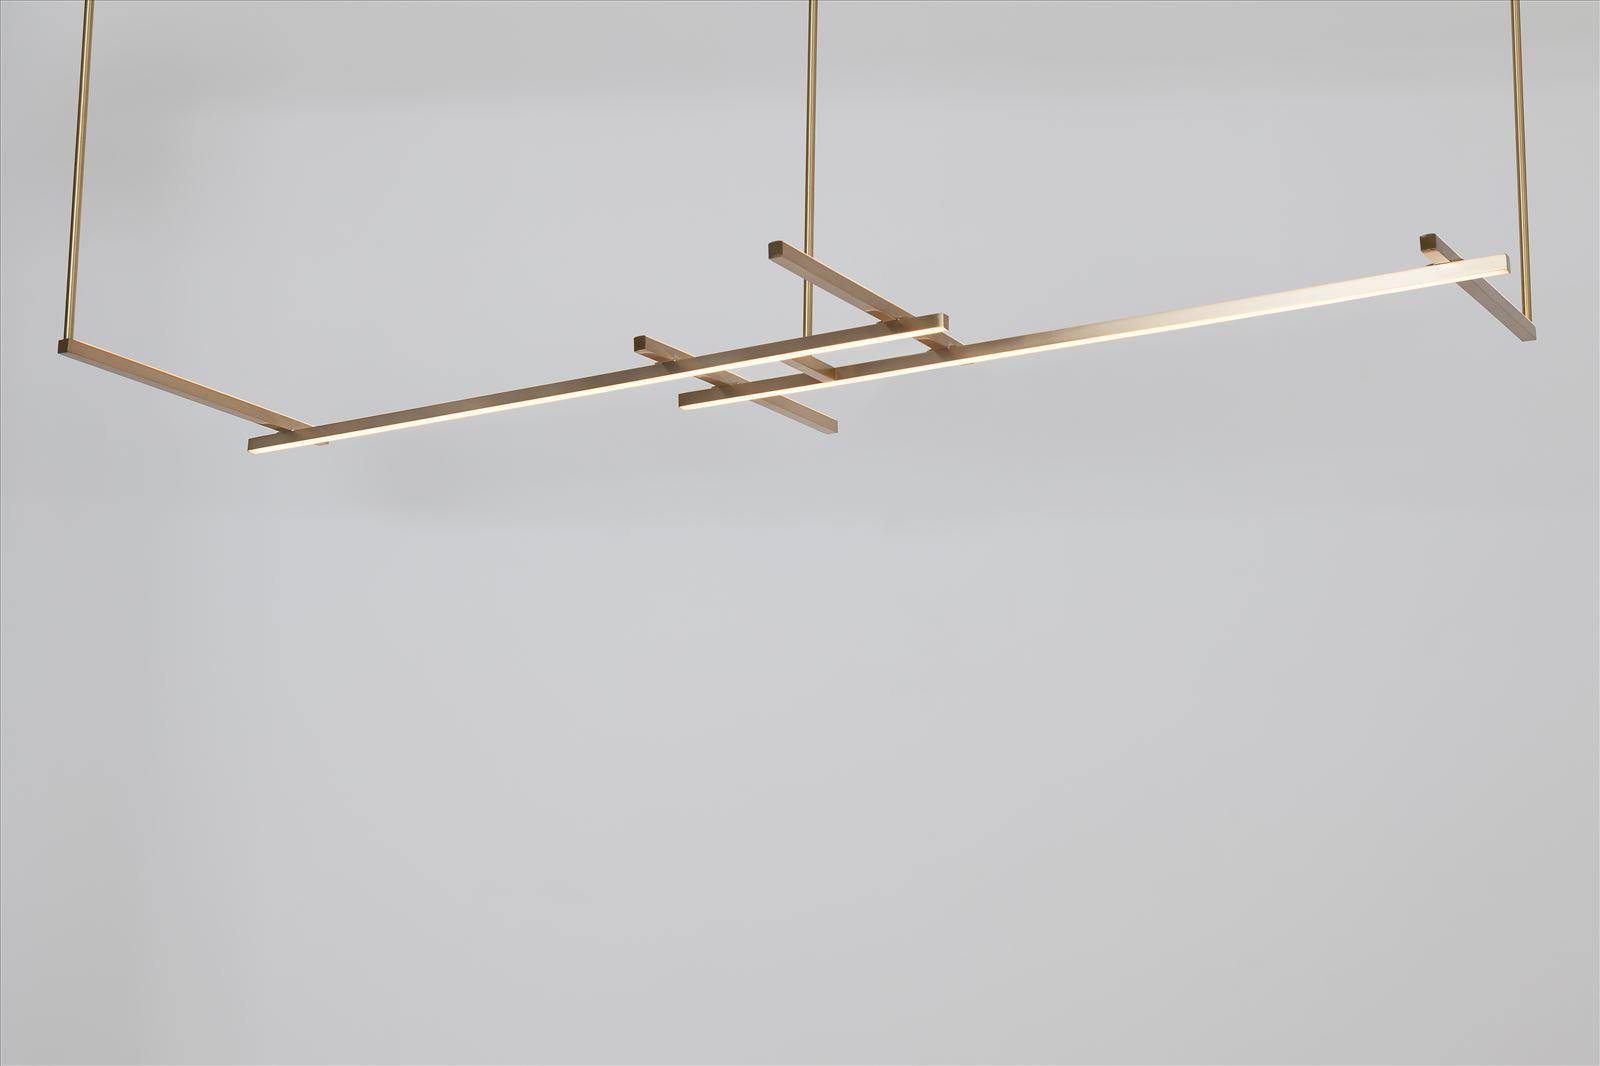 גופי תאורה מקטגוריית: גופי תאורה בייצור מיוחד ,שם המוצר: PECIFICO